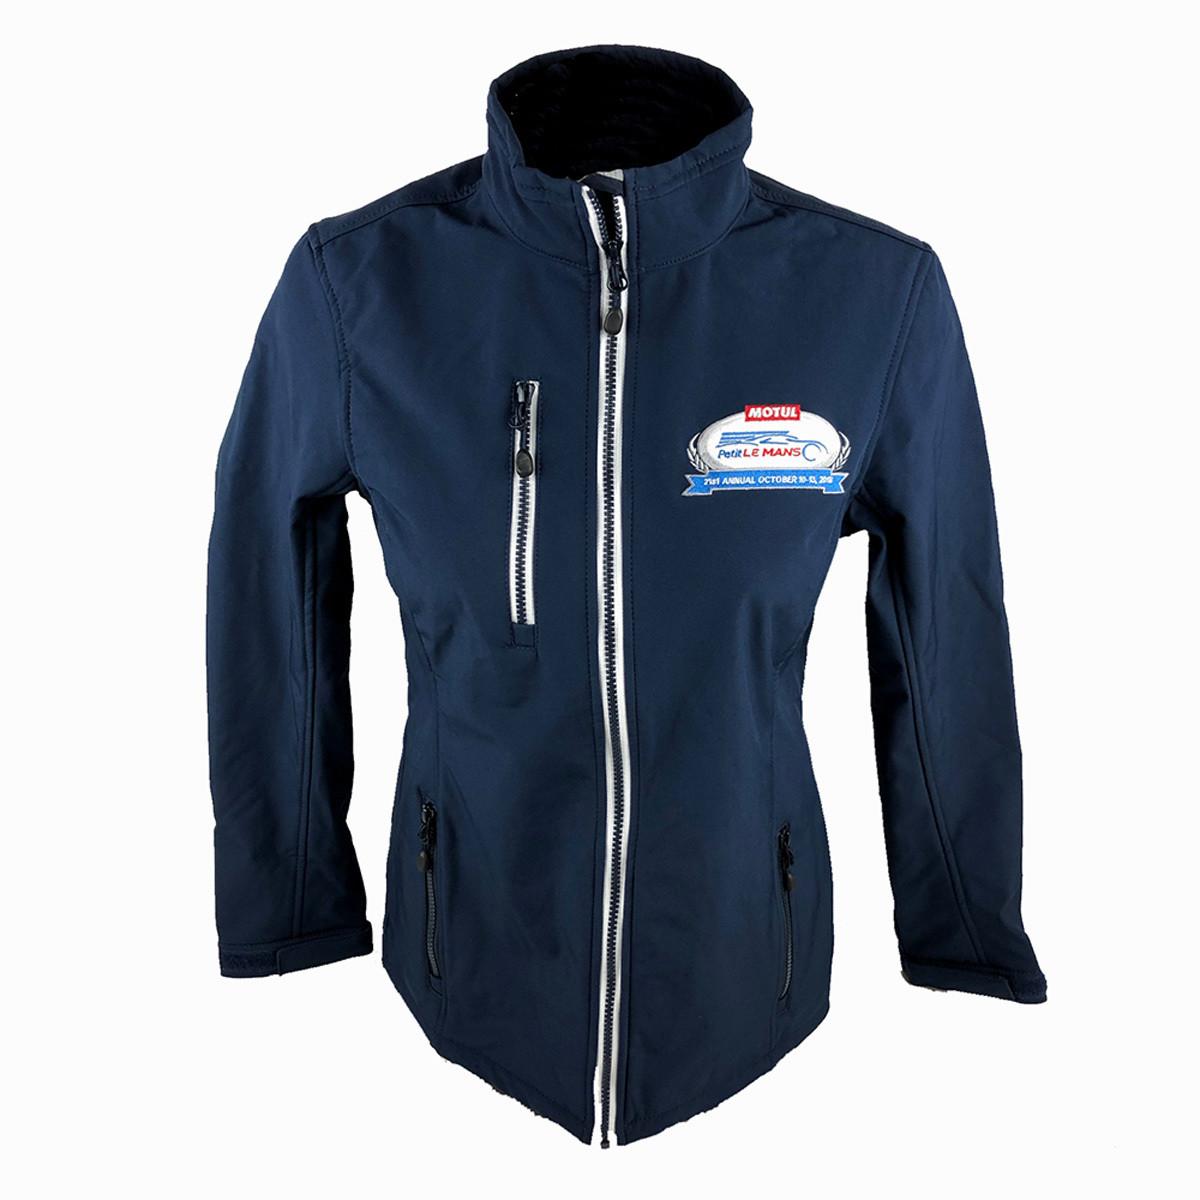 2018 MPLM Ladies Jacket - Navy